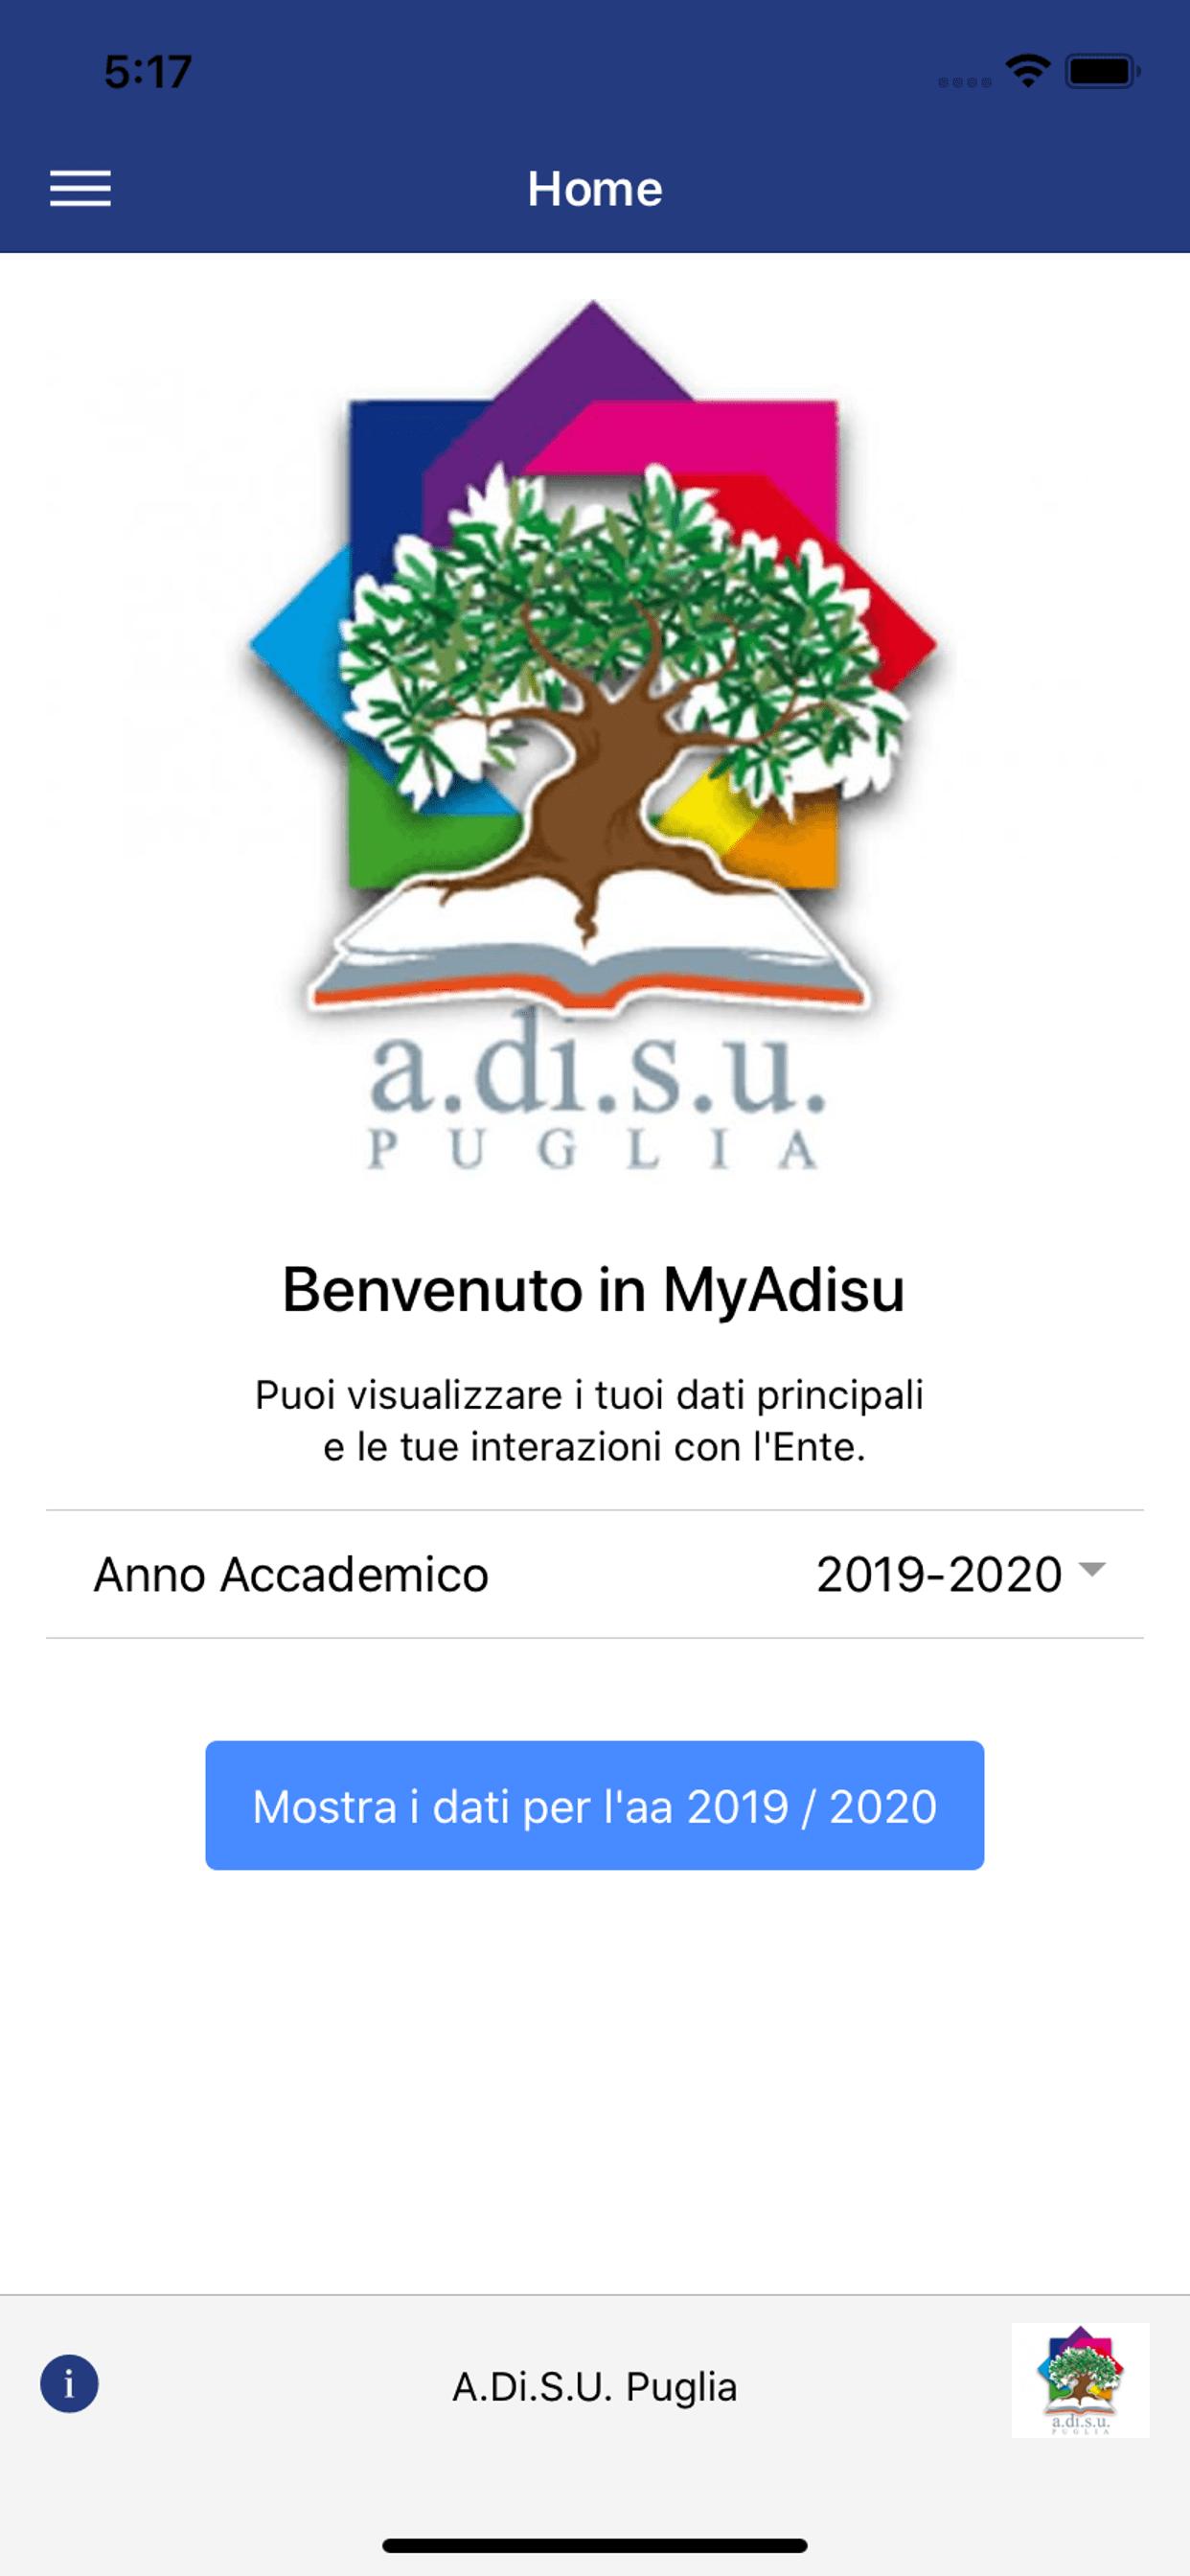 MyADISU: la nuova App Mobile dell'ADISU Puglia. Un nuovo canale di comunicazione con gli studenti delle Università pugliesi.